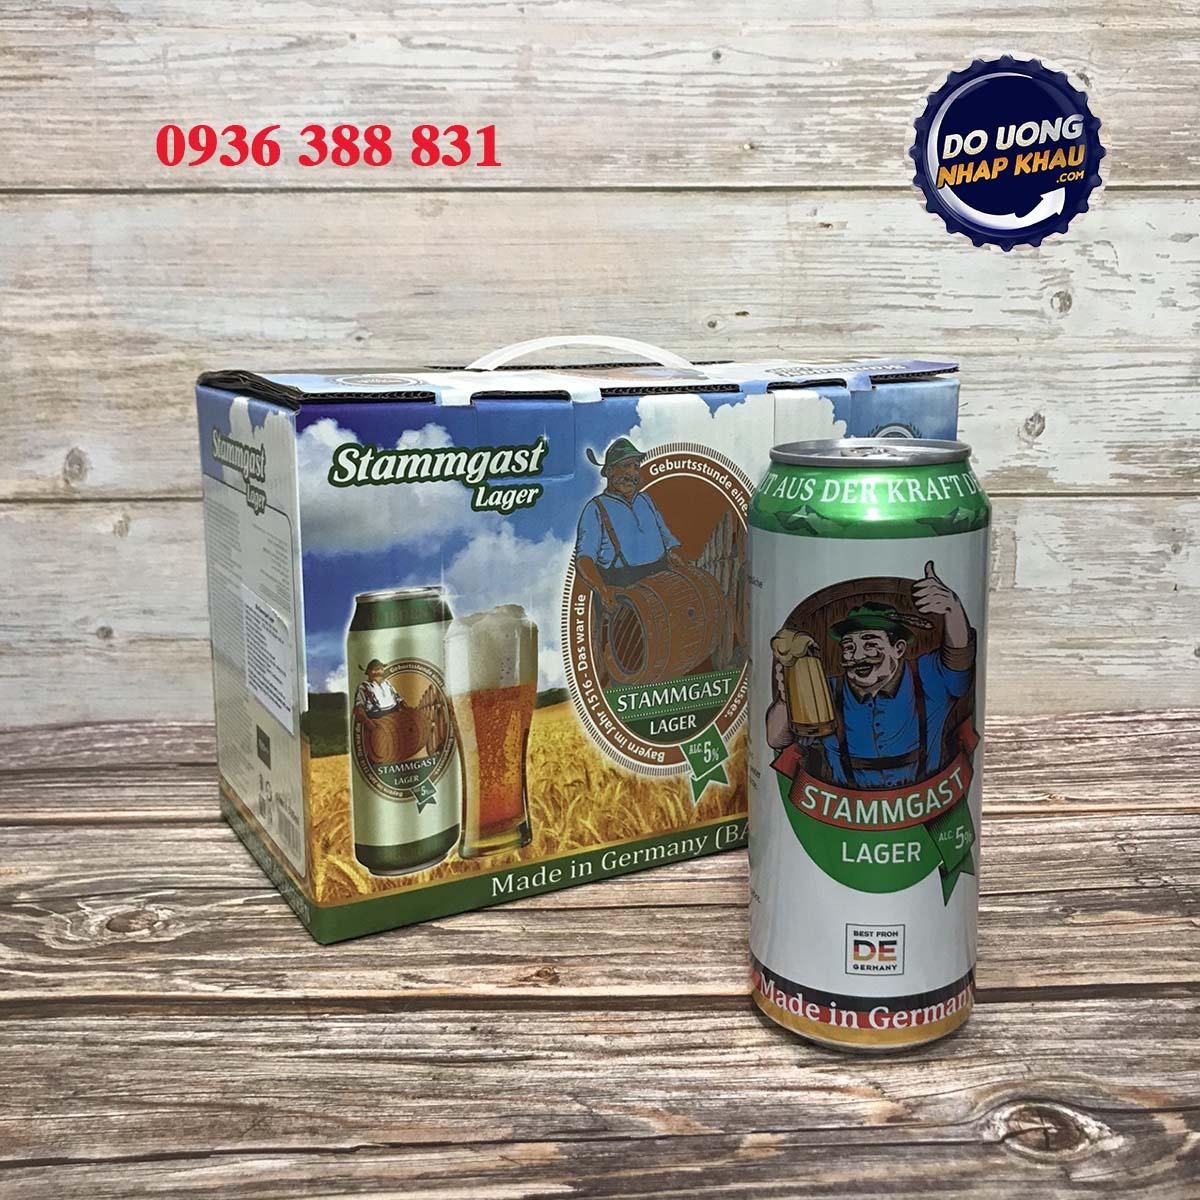 Hộp quà bia Stammgast 5% Đức